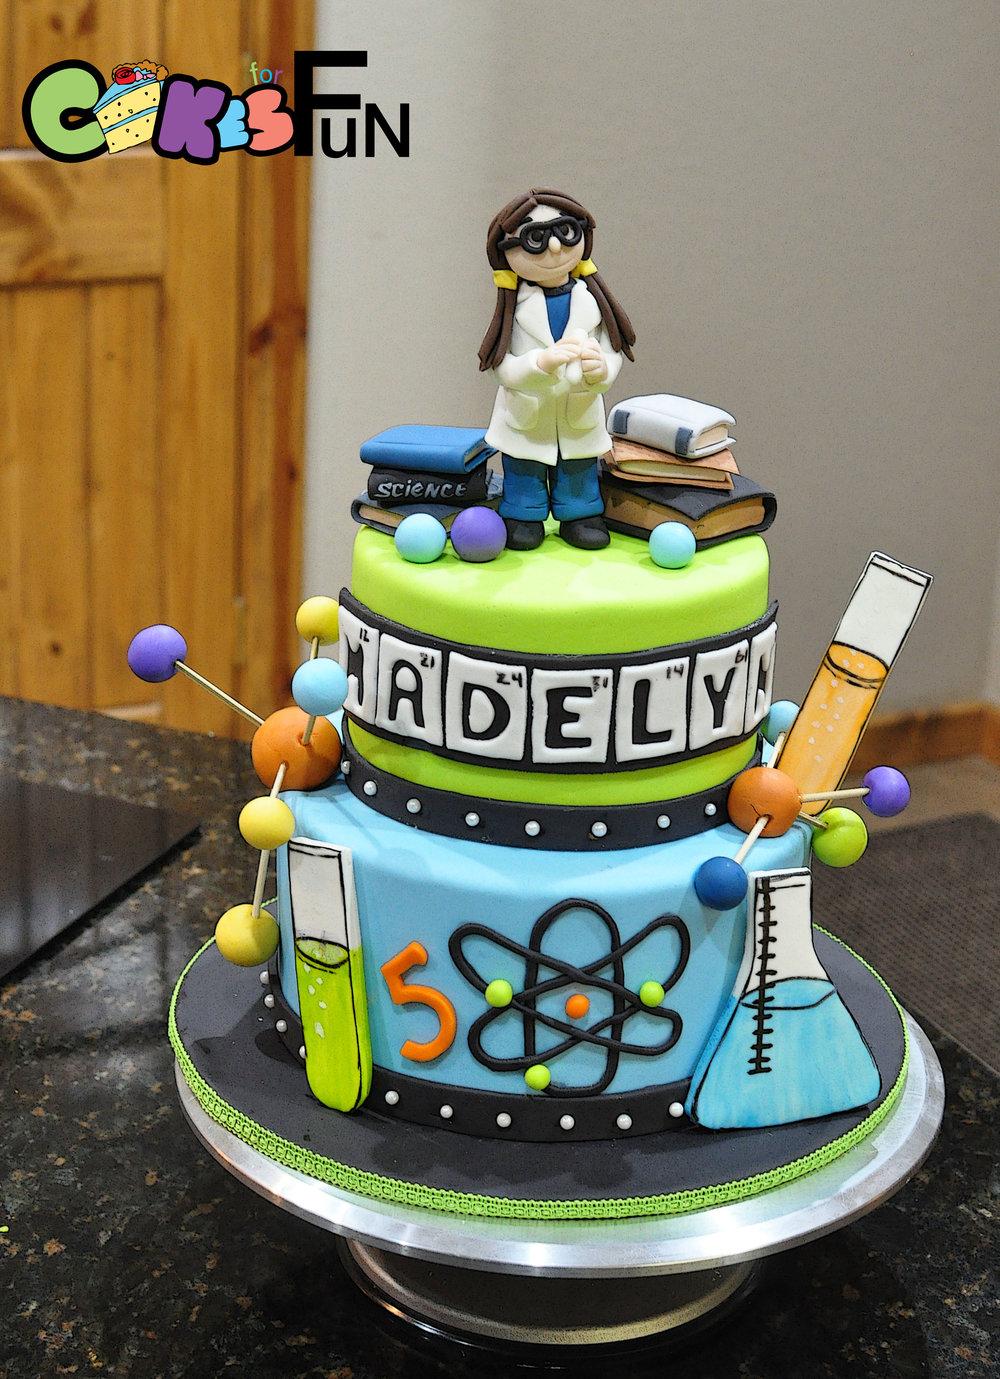 scientist cake.jpg